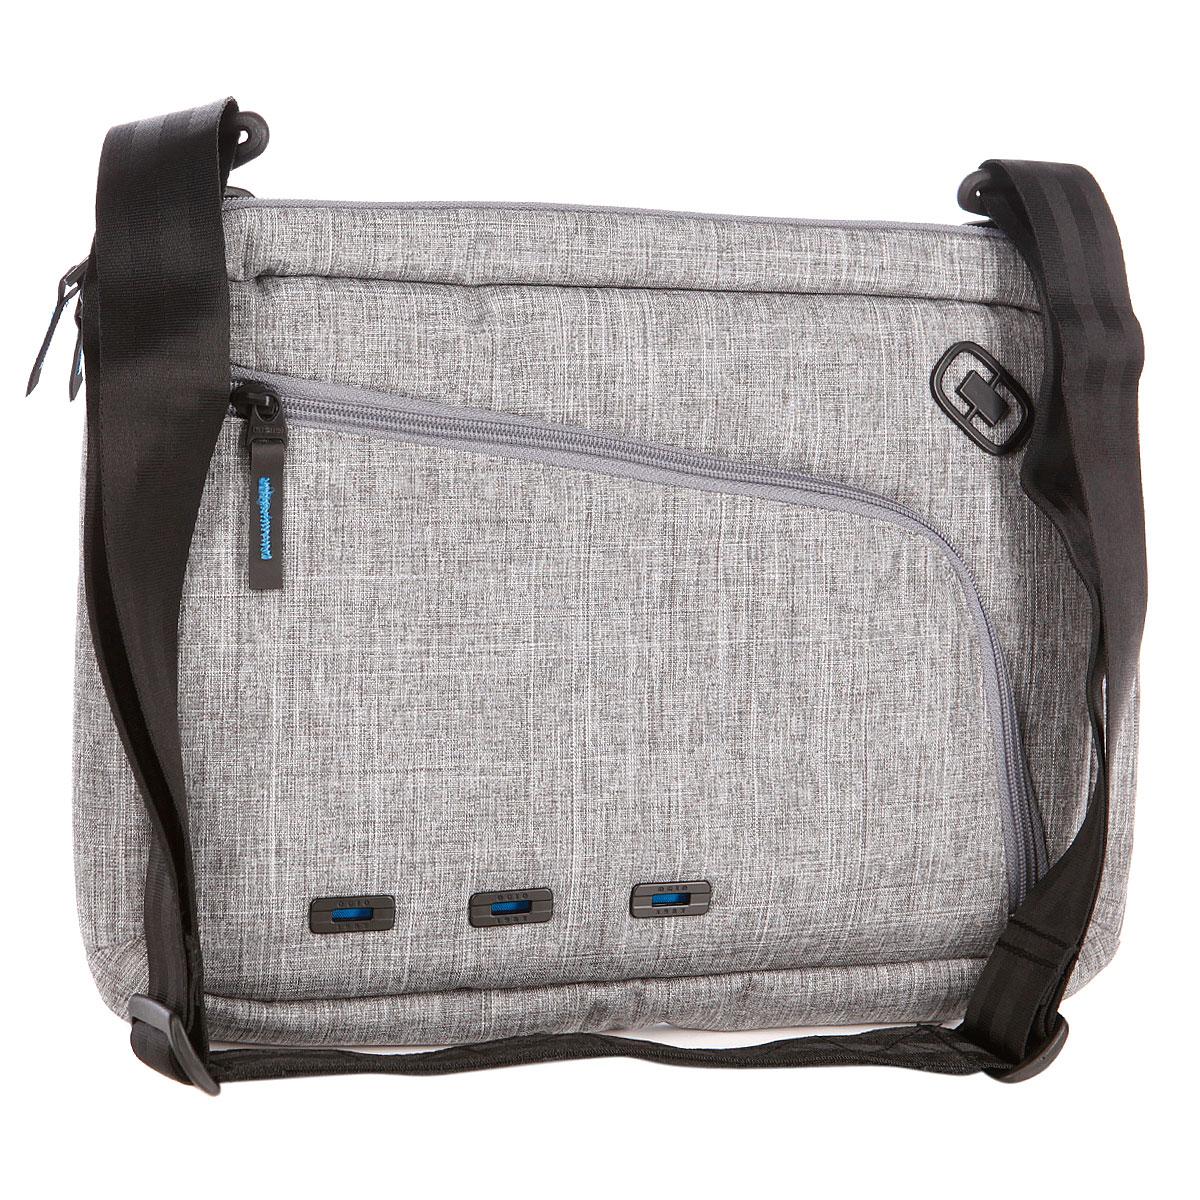 Сумка для ноутбука Ogio Newt Slim Case, цвет: серый, 10 лГризлиOGIO – высокотехнологичный продукт от американского производителя. Вместимые сумки для путешествий, работы и отдыха, специальная коллекция городских сумок для женщин, жесткие боксы под мелкий инвентарь и многое другое. Идеальная сумка для походов по траектории дом-офис или офис-кофейня, но можно и изменить маршрут, потому что, в любом случае, в New Slim можно всегда удобно и безопасно переносить 15-дюймовый ноутбук, планшет, документы и все остальные необходимые мелочи и гаджеты.